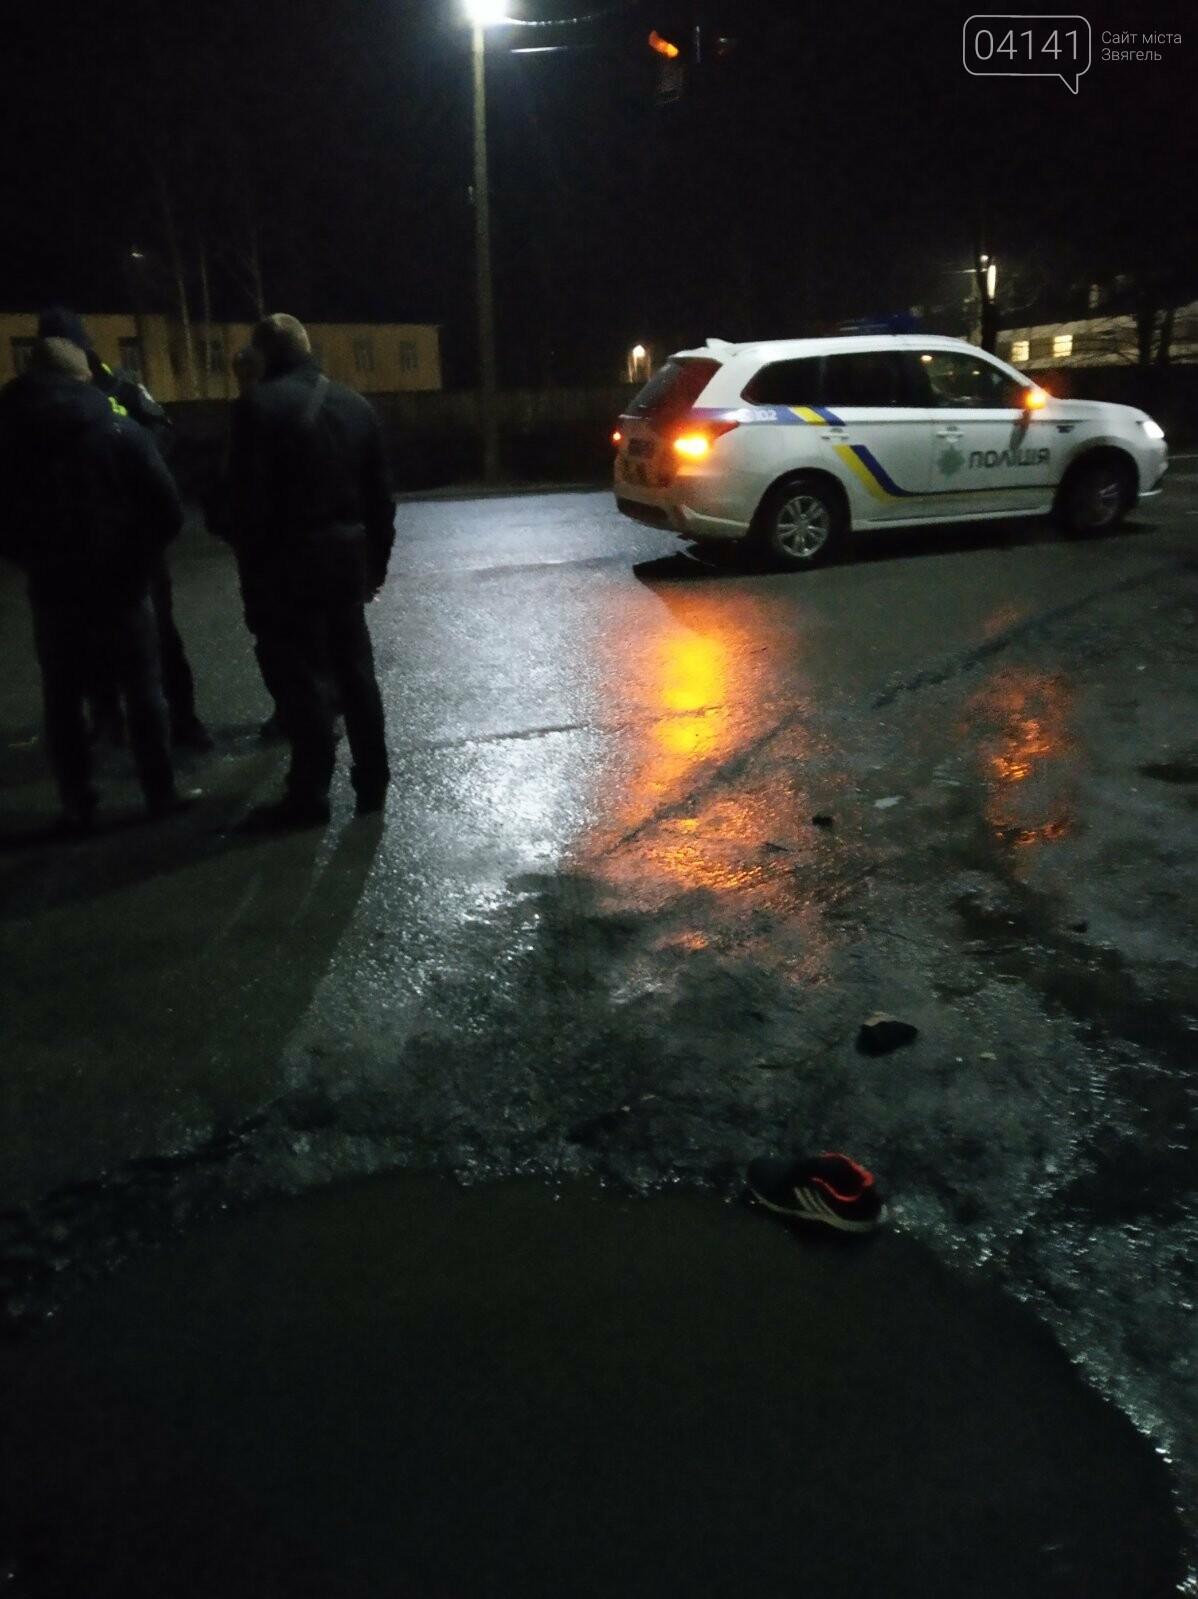 У Новограді водій збив насмерть хлопця та втік з місця пригоди (ФОТО, ВІДЕО з місця ДТП), фото-3